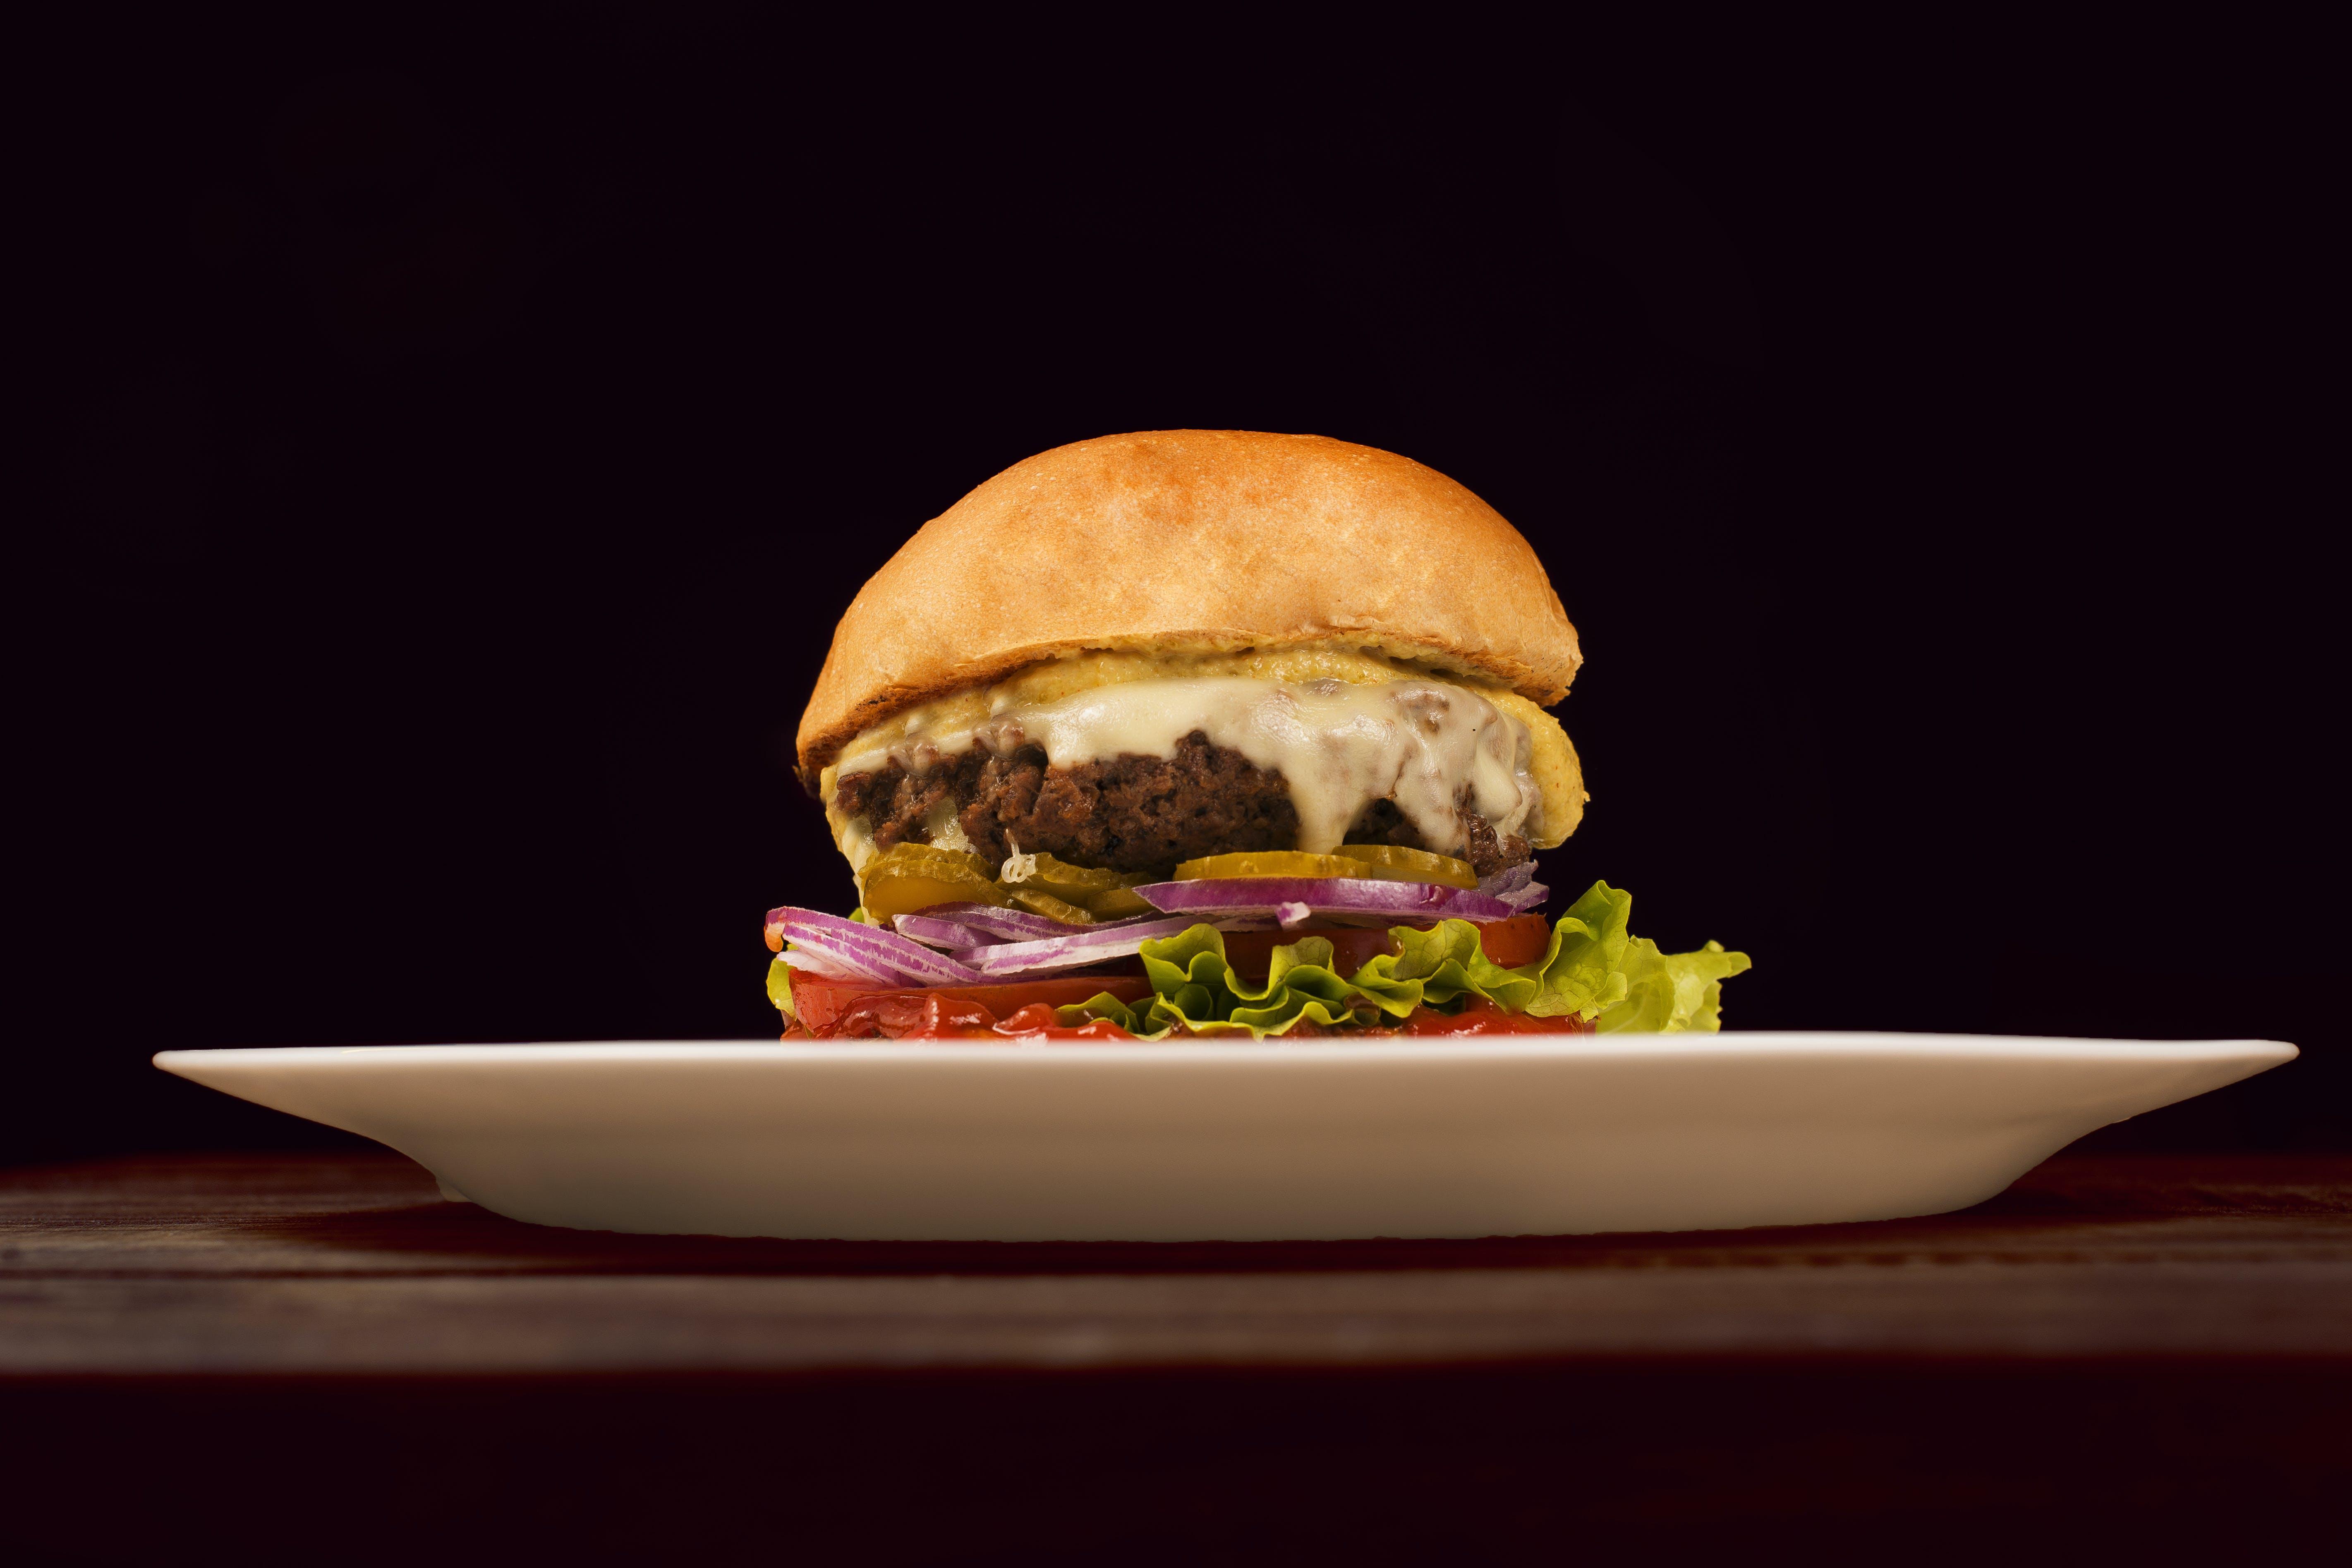 Close-up Photo of a Cheeseburger